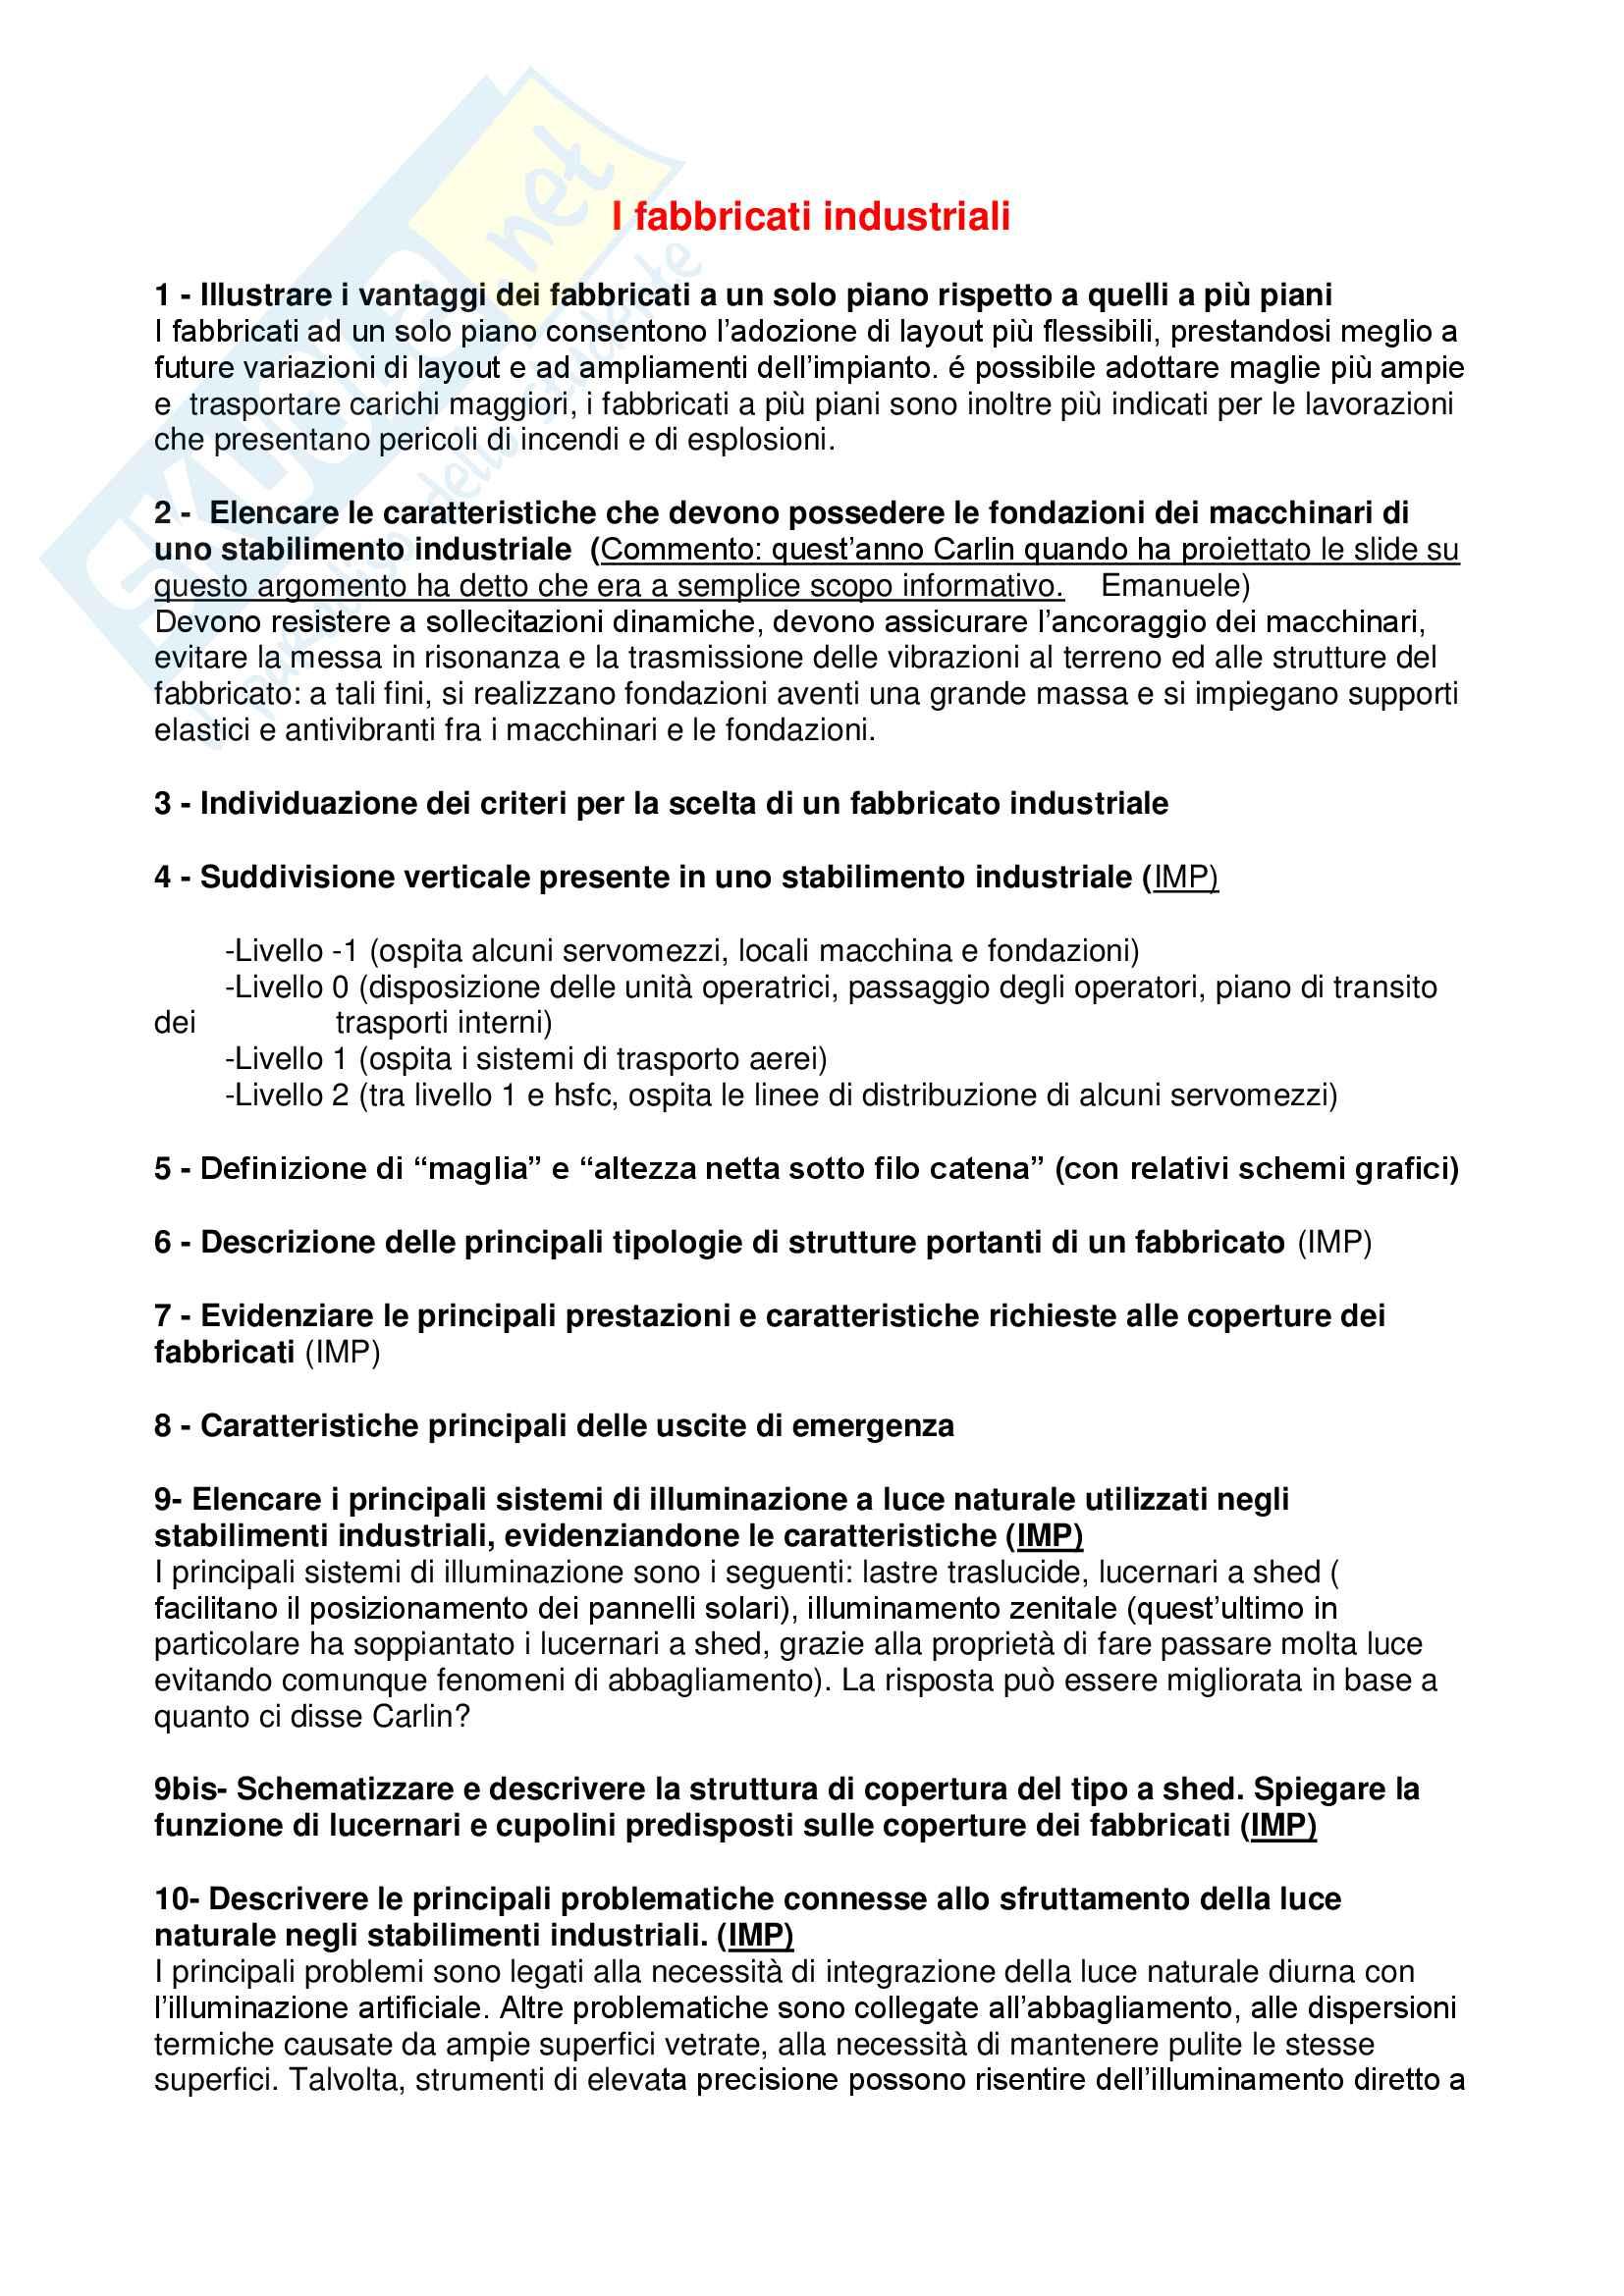 Temi d'esame e Domande svolte per l'esame di Impianti industriali e sicurezza sul lavoro